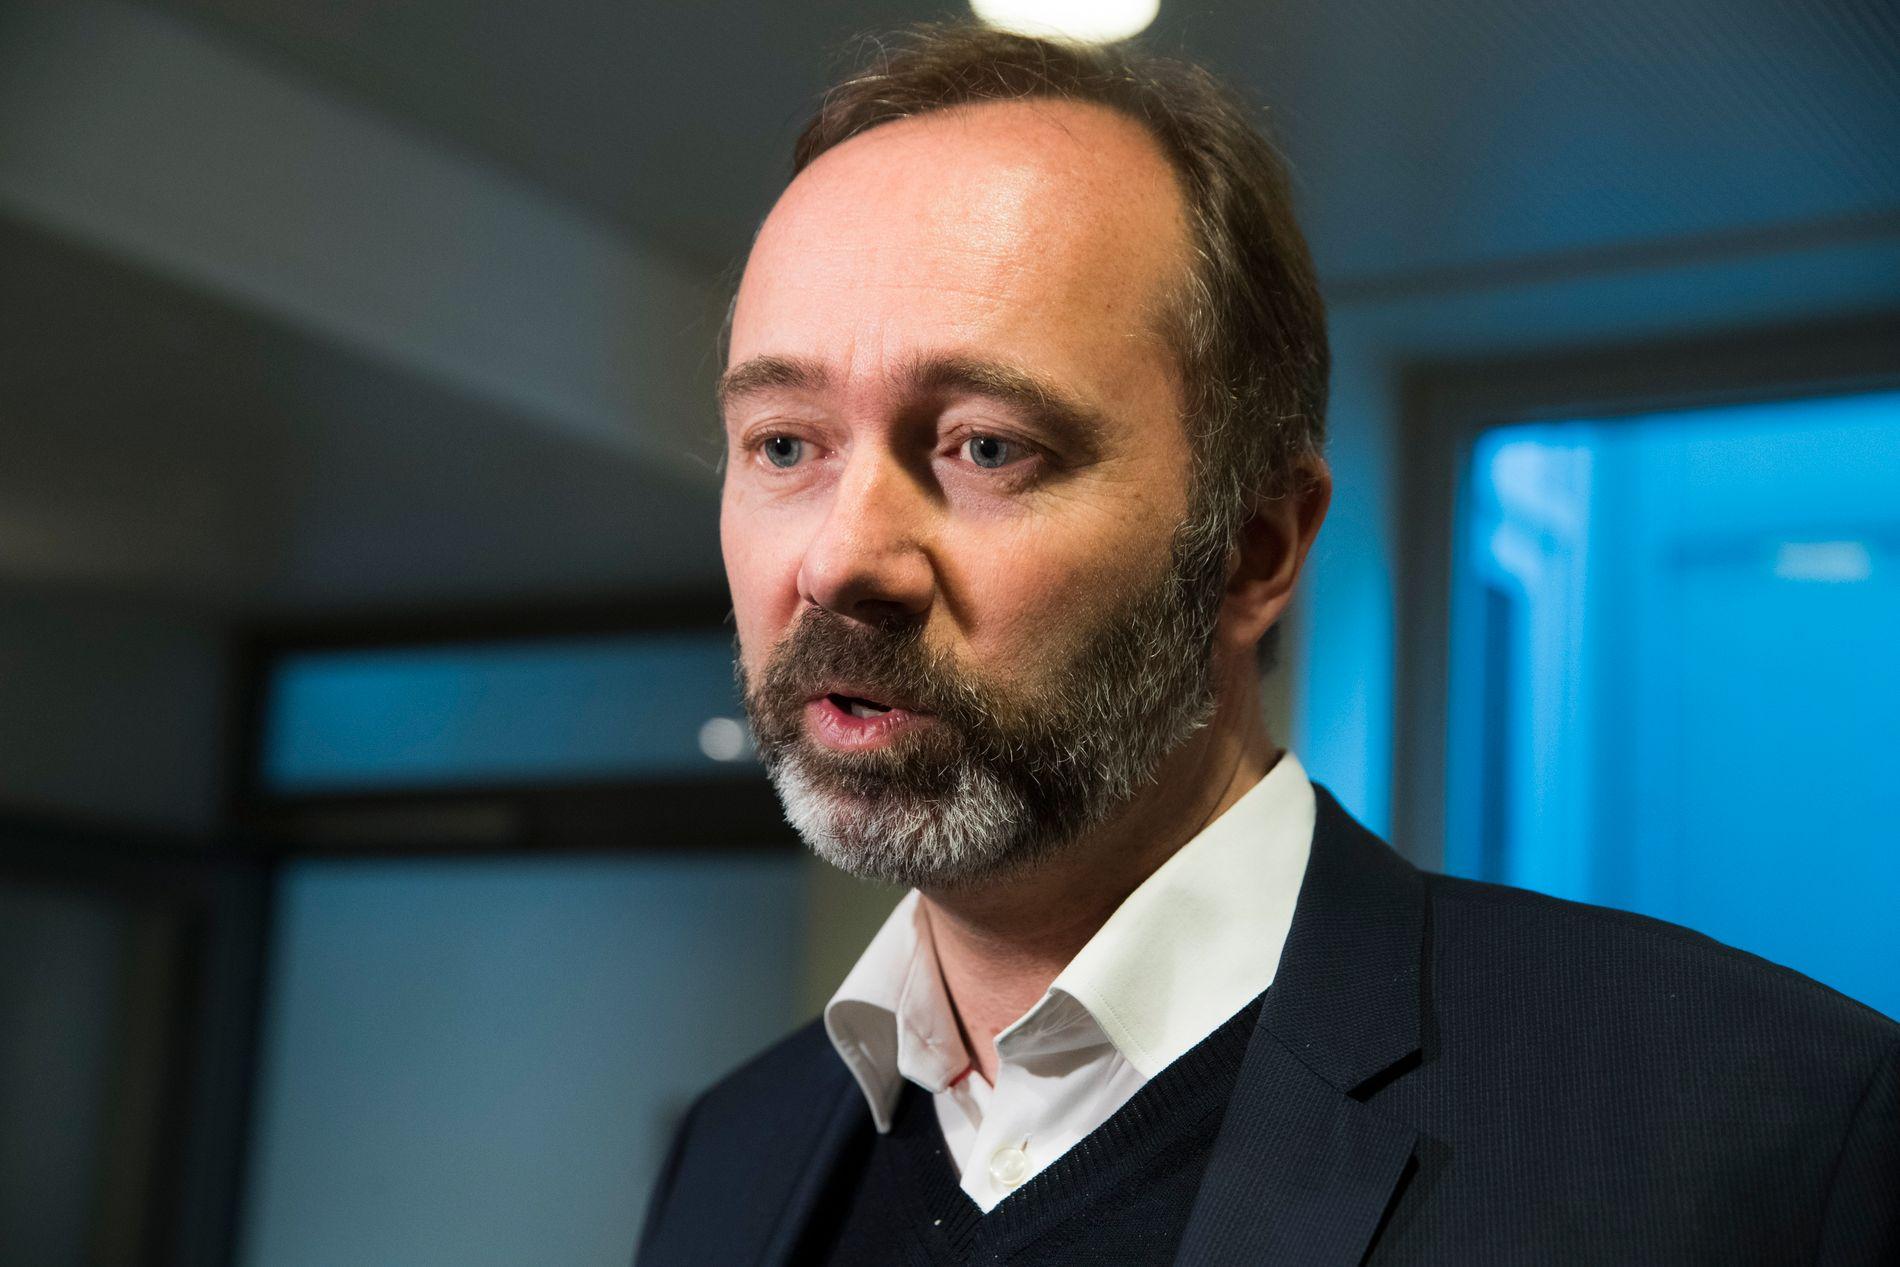 Tidligere Ap-nestleder Trond Giske skal lede et fornyingsprosjekt i Trøndelag Ap som har som mål å føre partiet tilbake til grasrota. Foto: Berit Roald / NTB scanpix